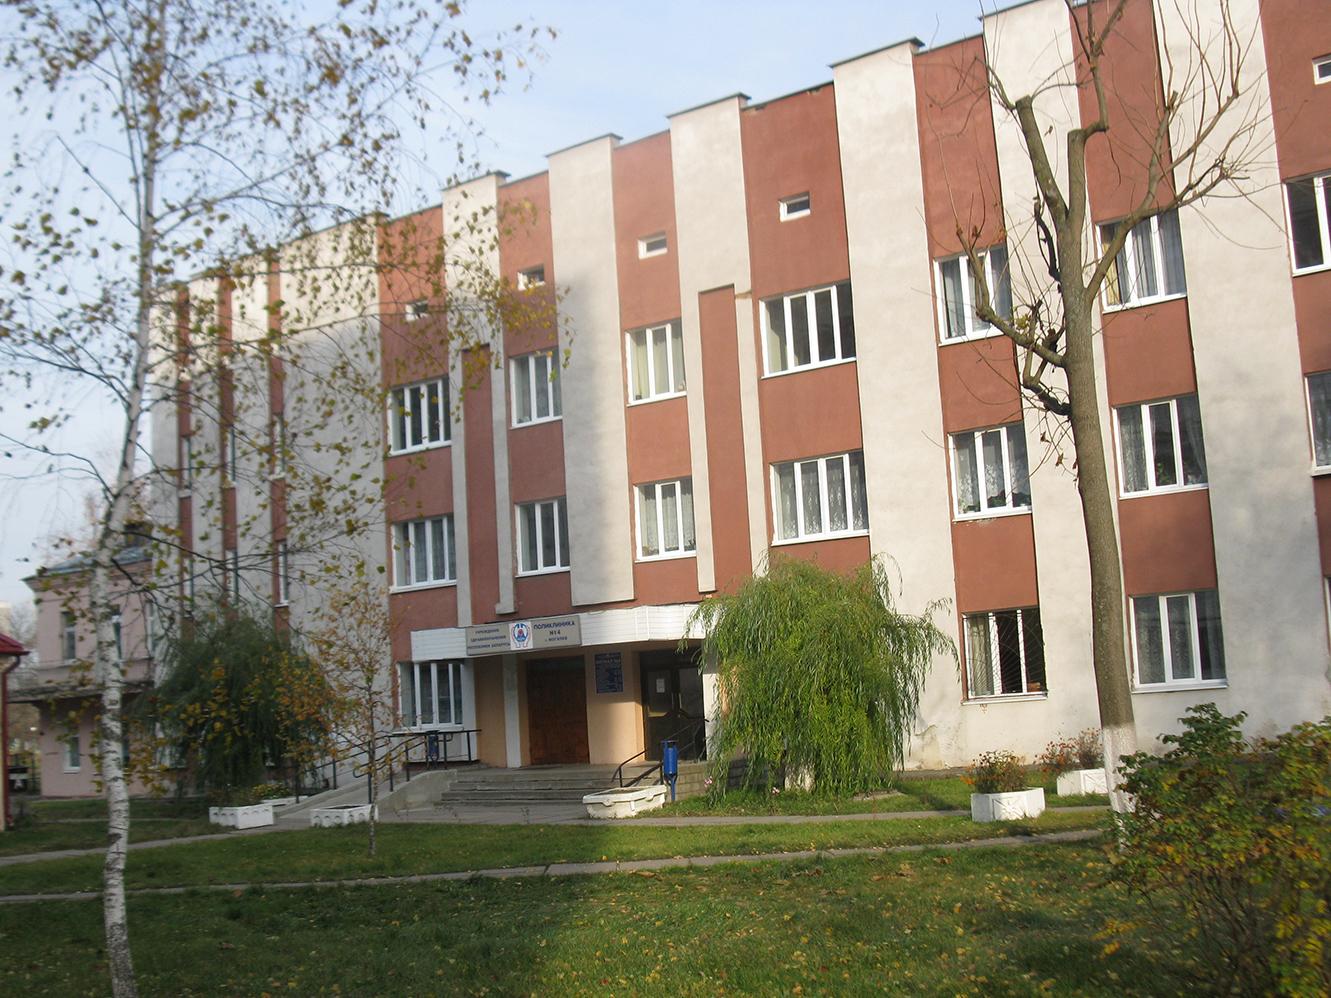 Районная больница доброполье